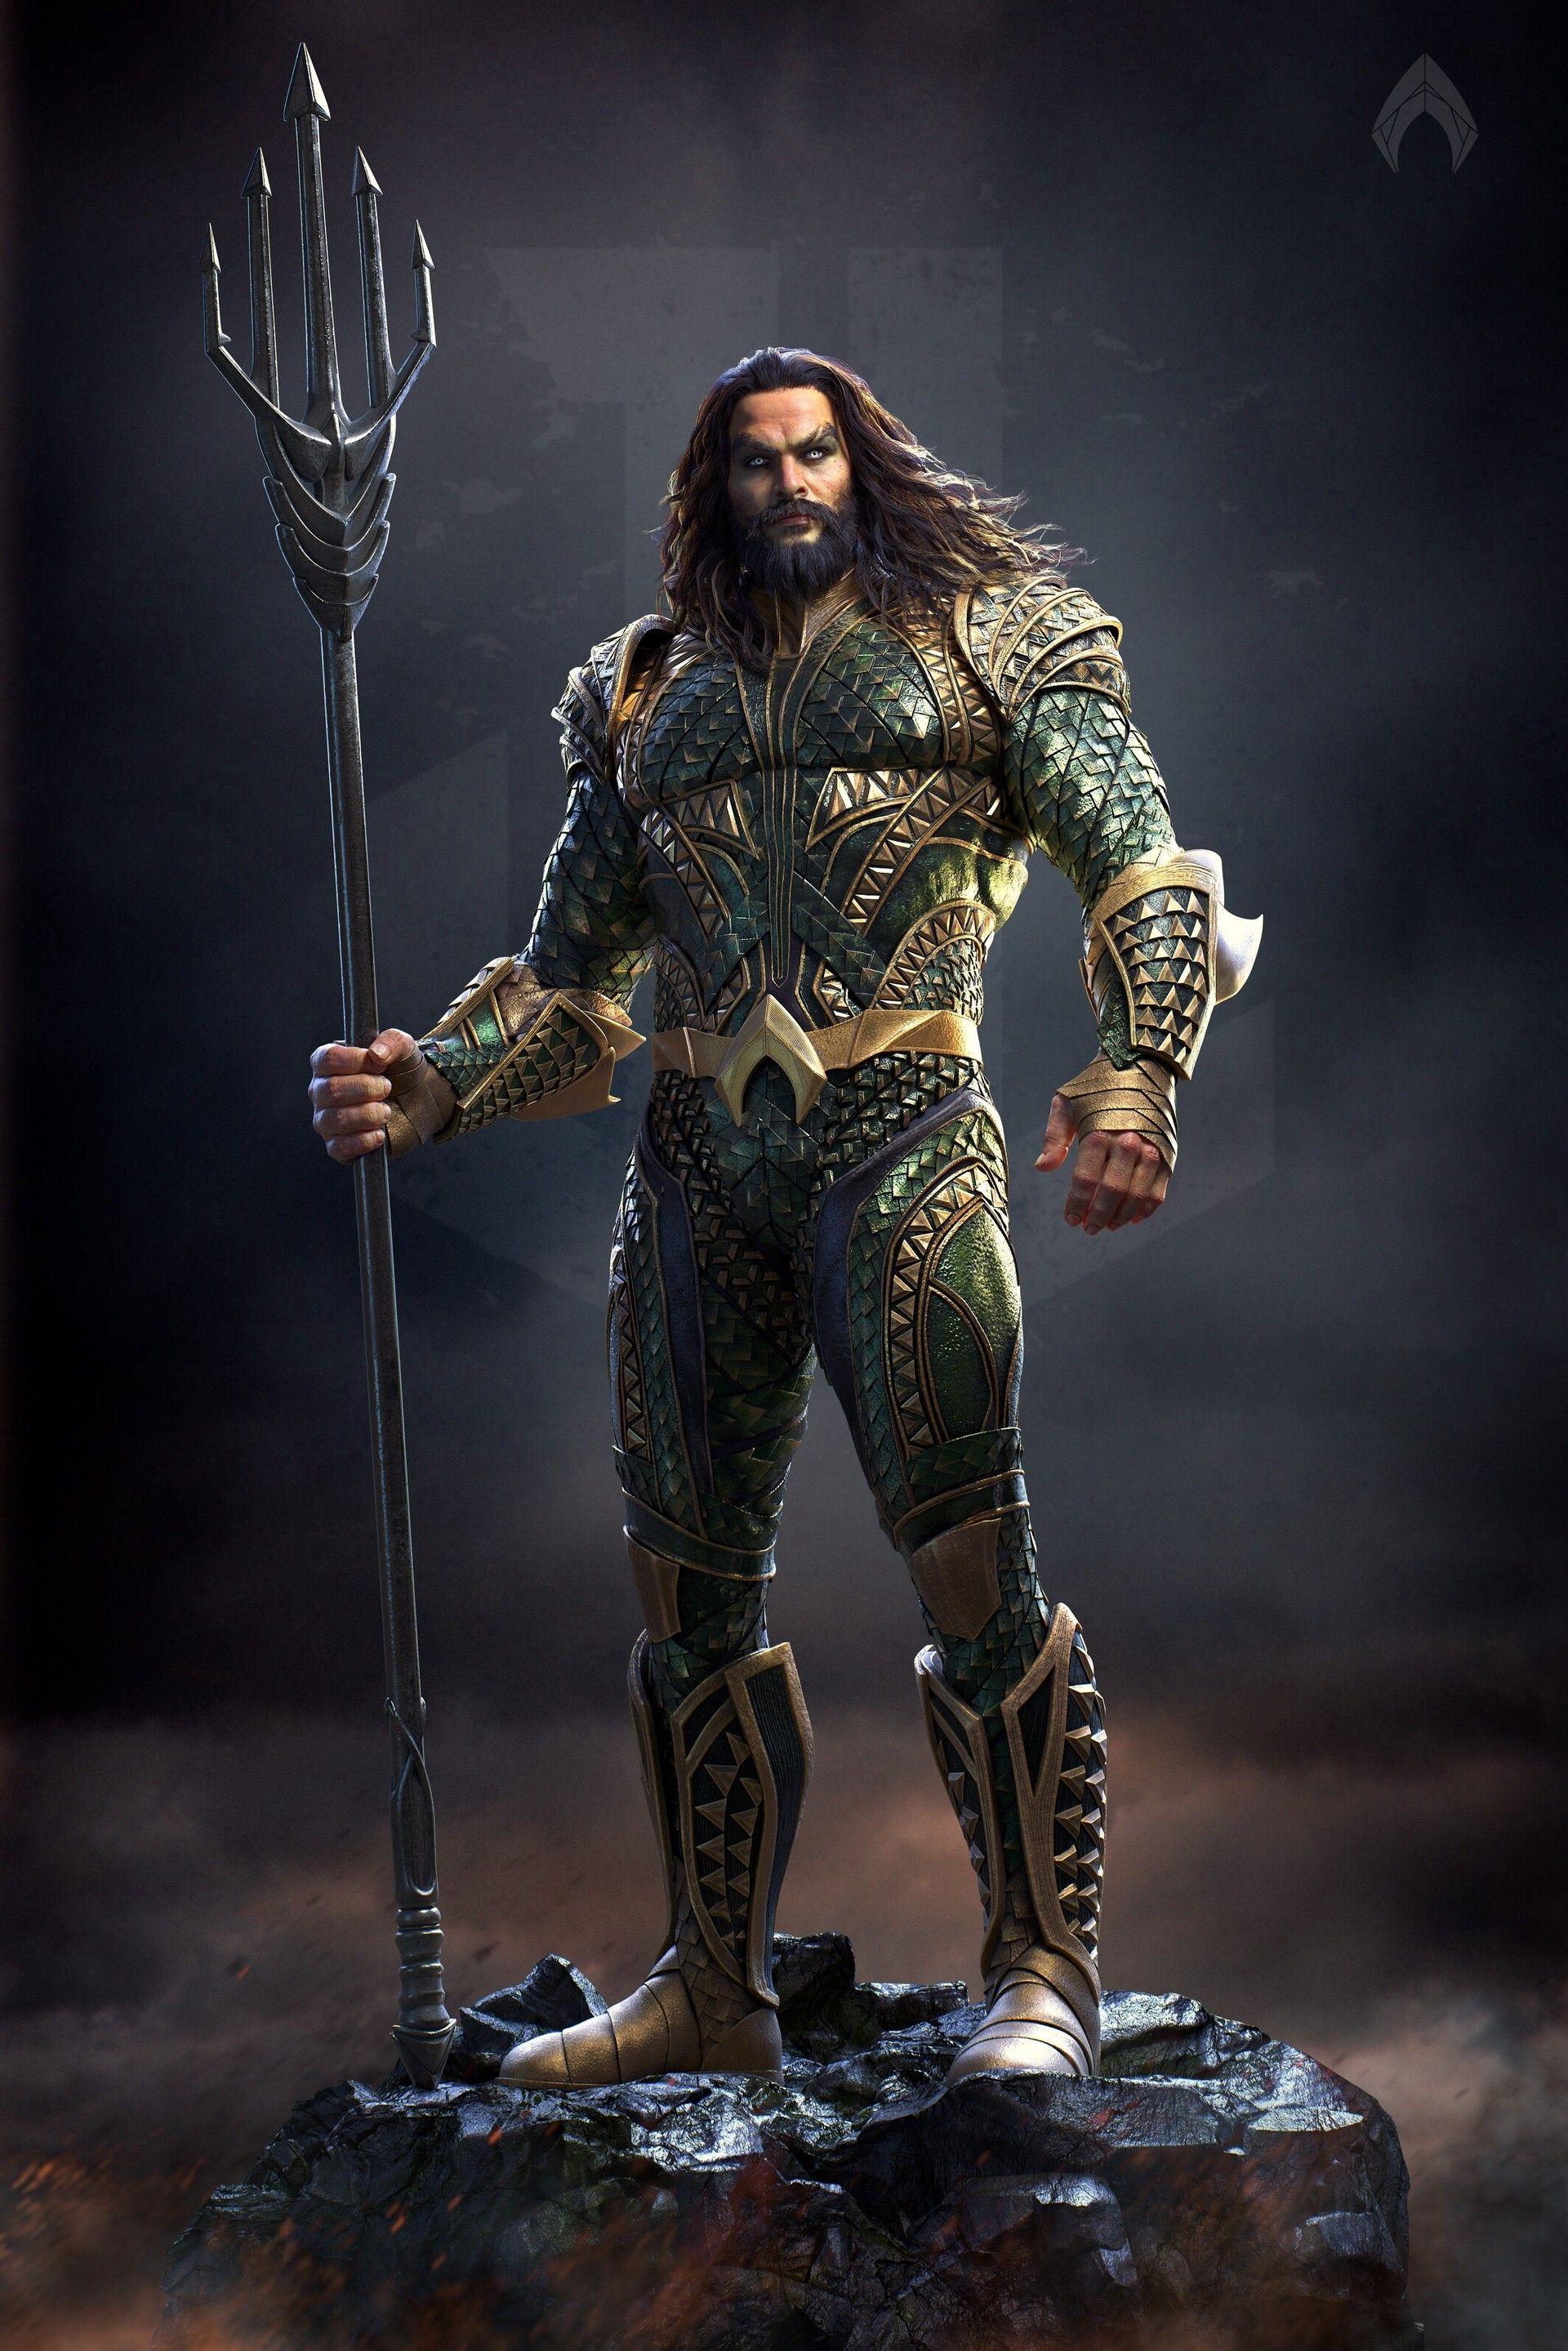 Aquaman | Justice League | Aquaman, Jason momoa aquaman ...